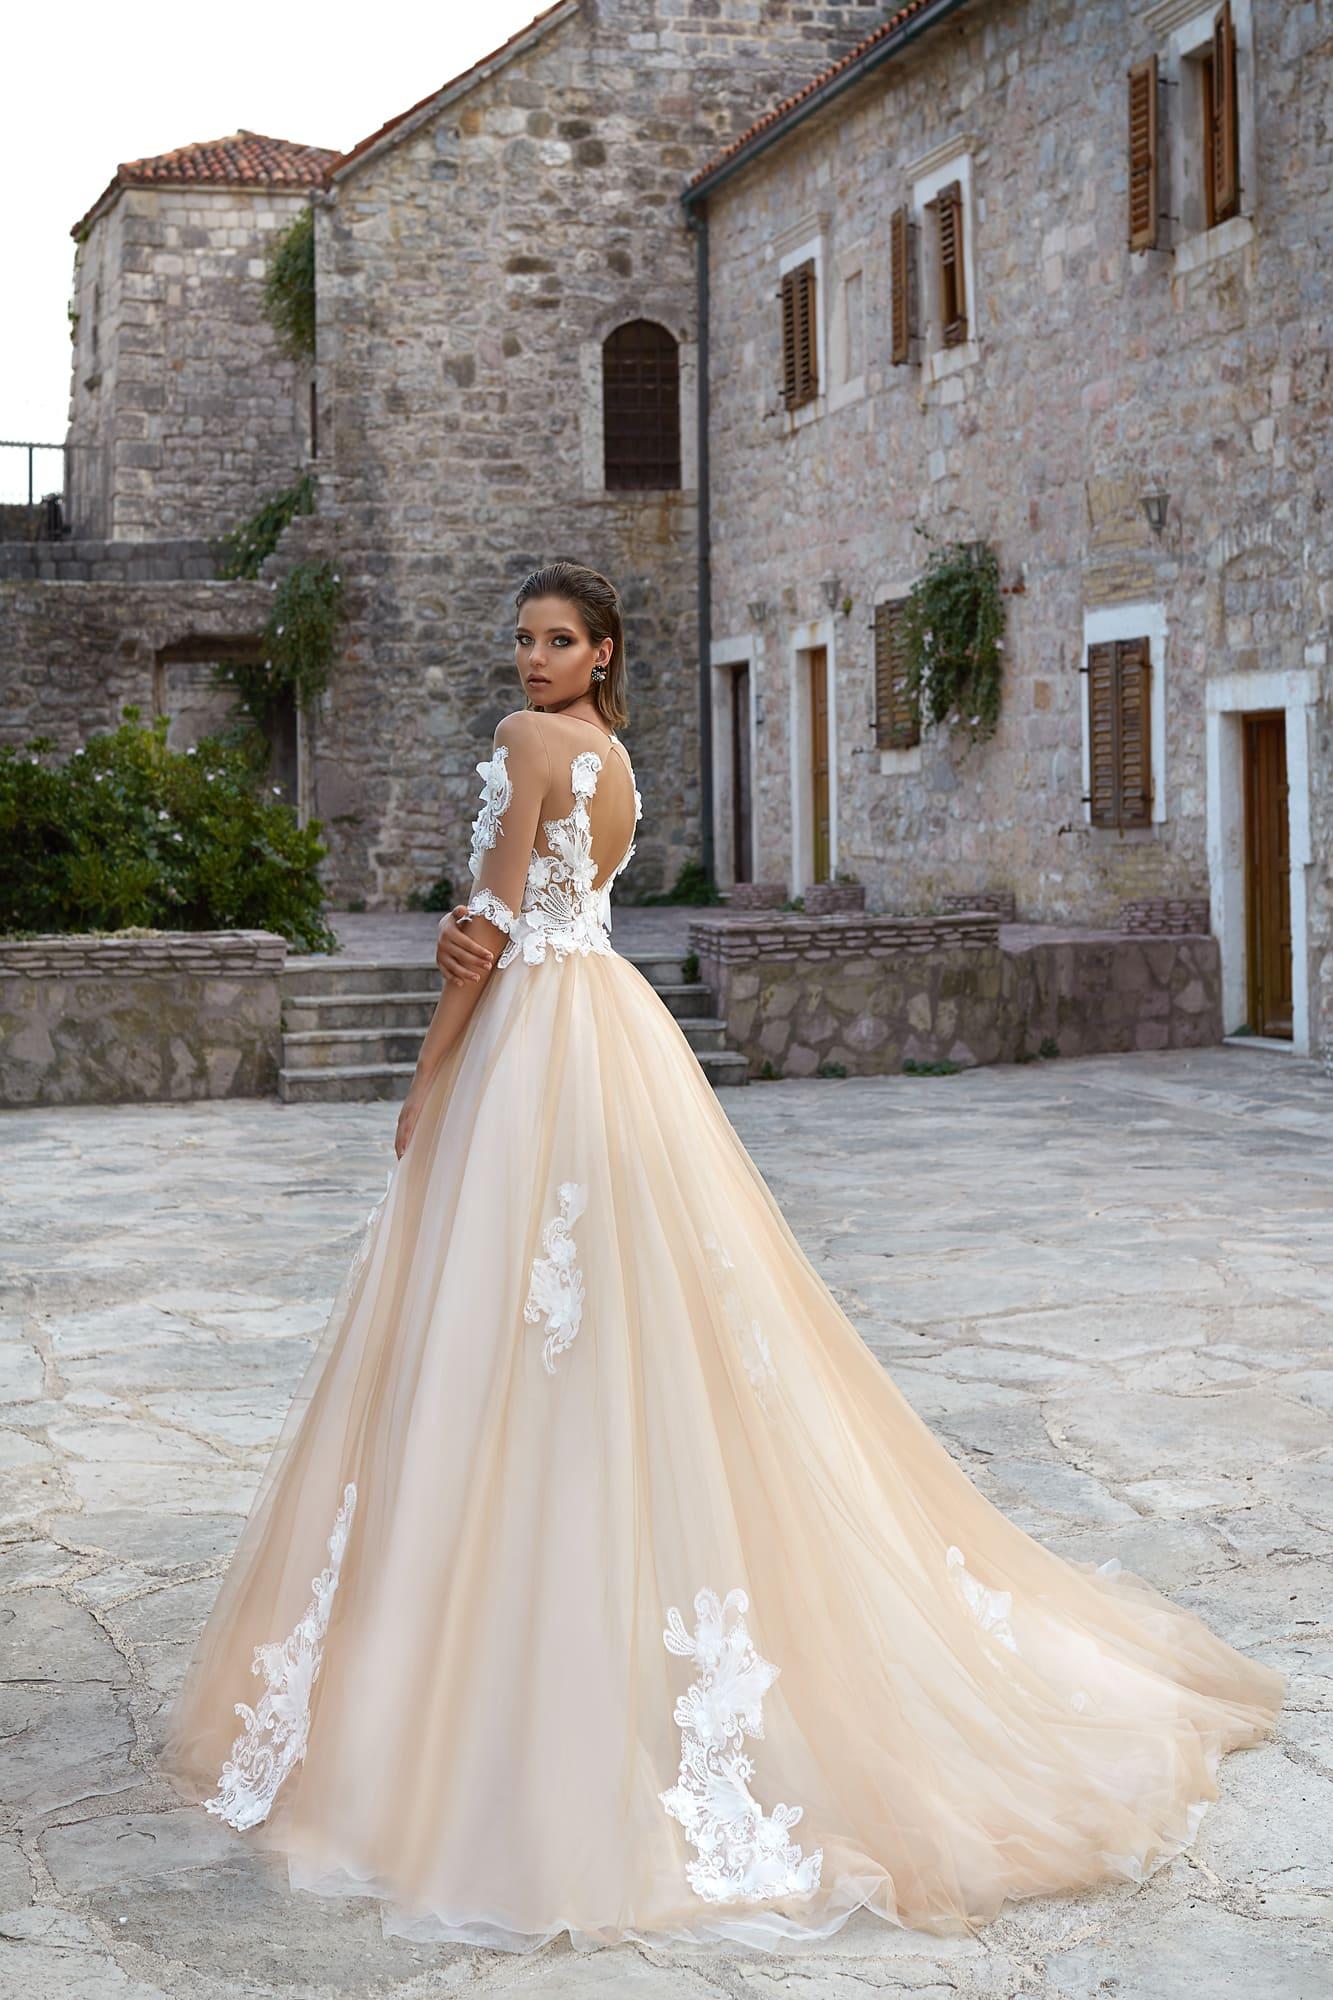 Великолепное свадебное платье с портретным декольте и пышной юбкой кремового цвета.